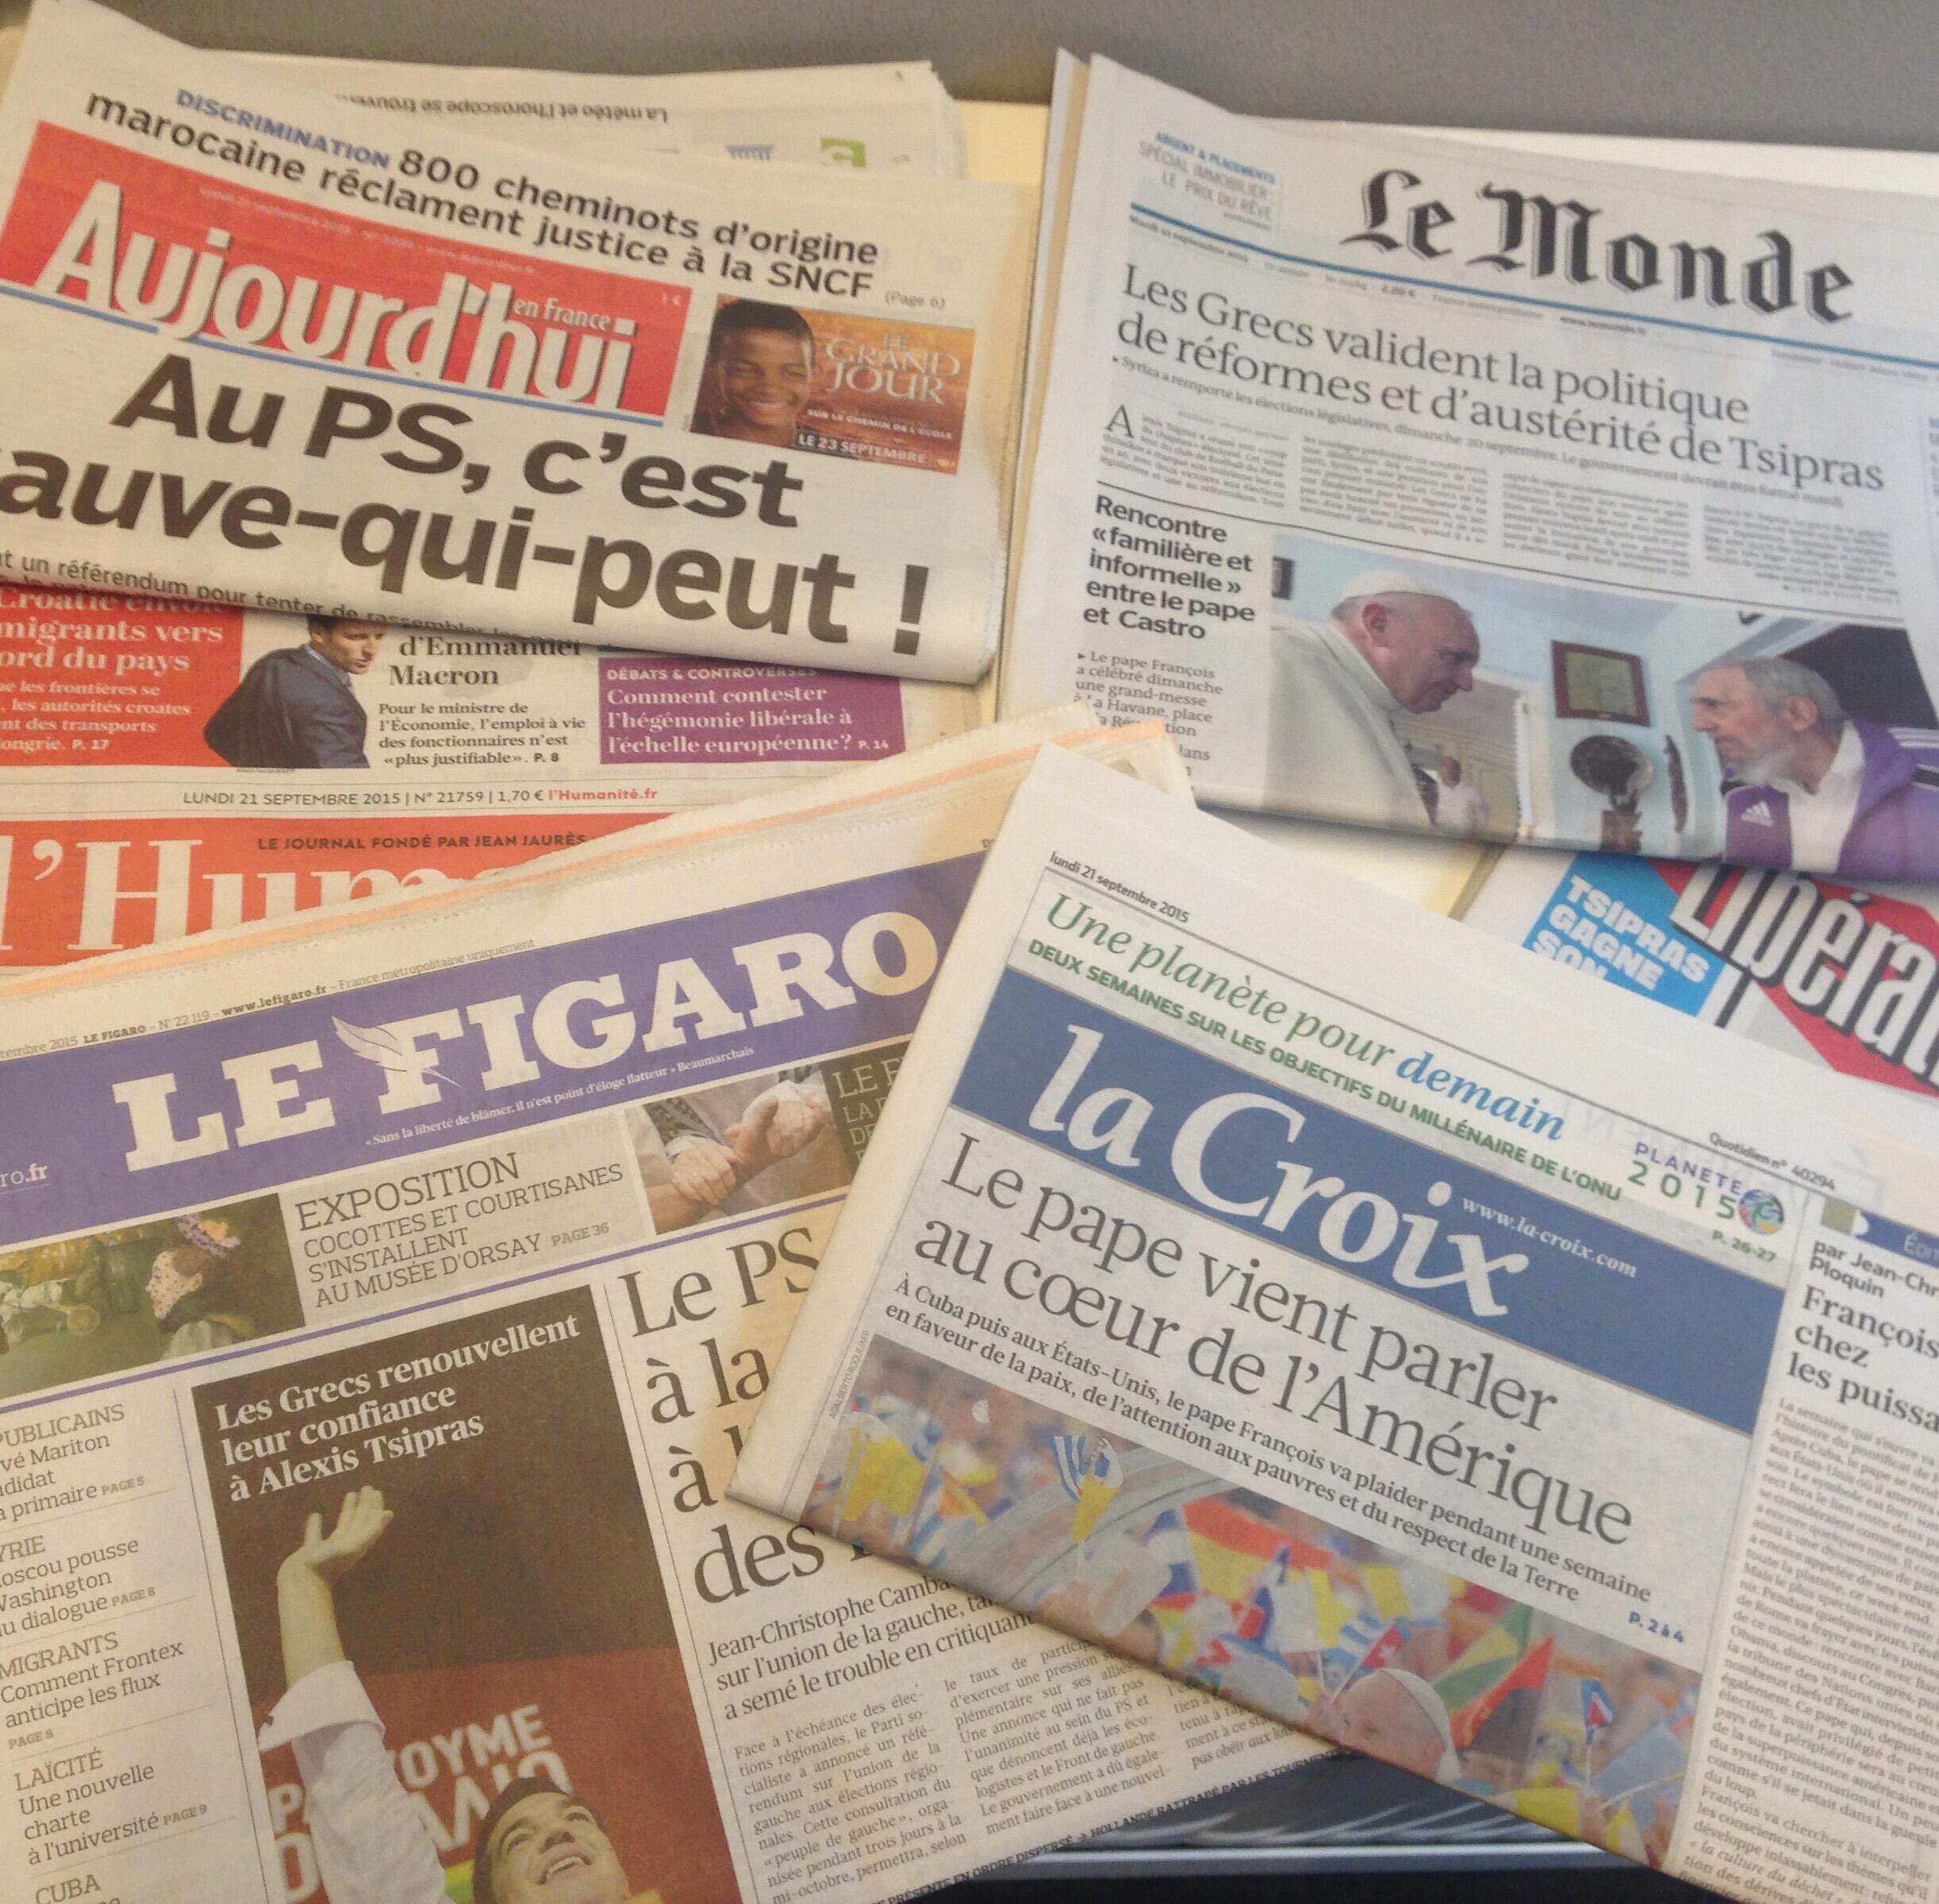 Primeiras páginas dos jornais de 21/09/2015